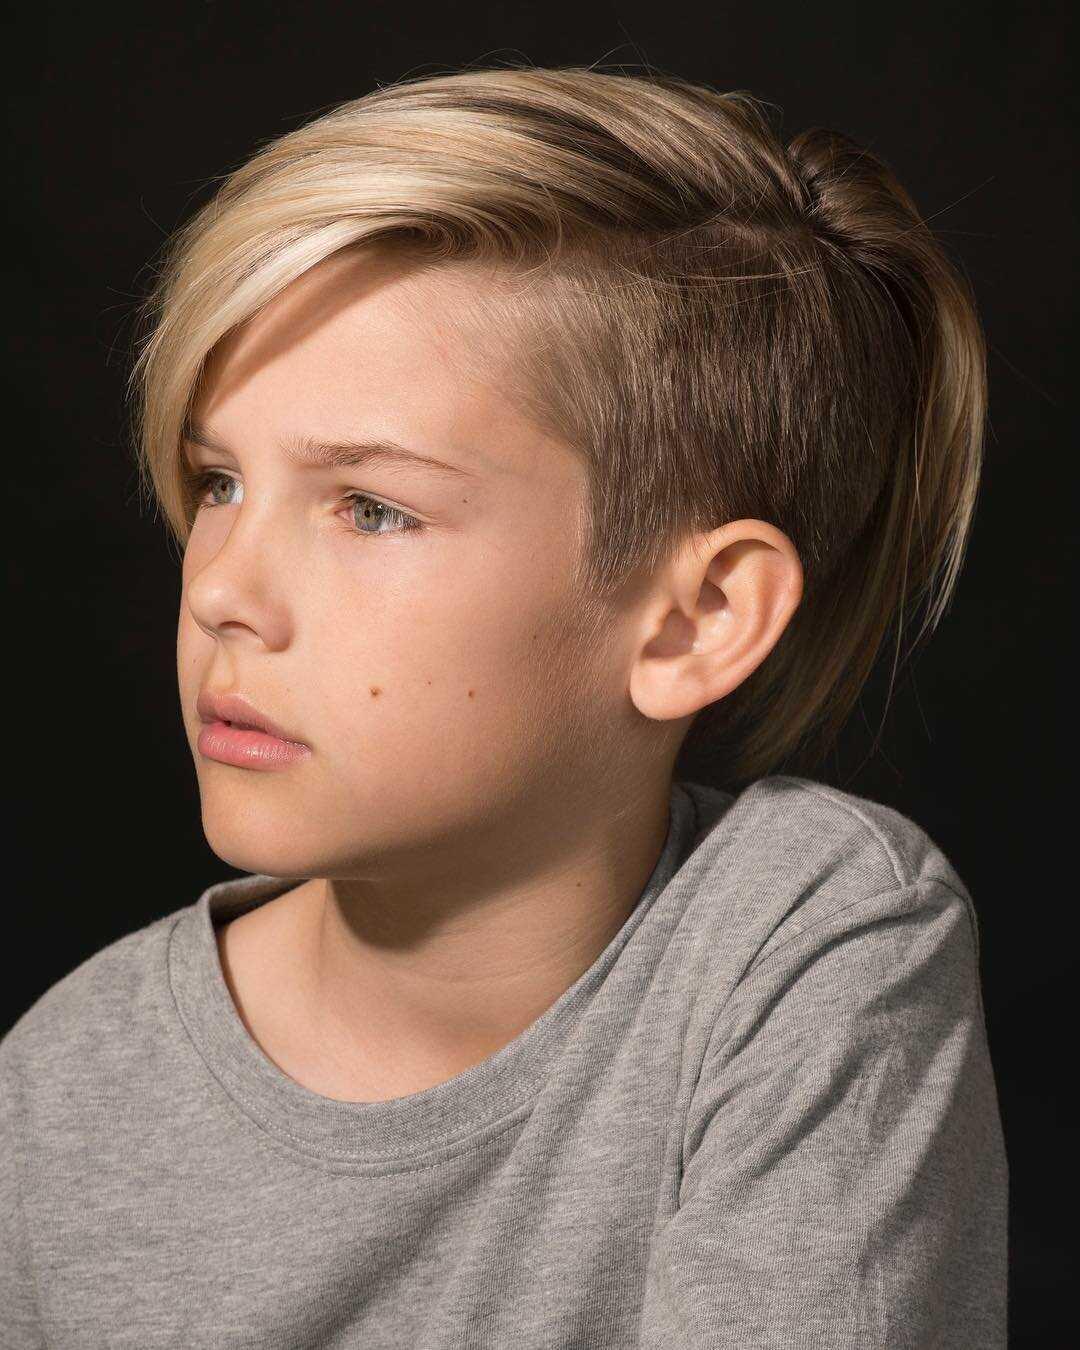 Модные прически для мальчиков 14-15 лет 2020 фото